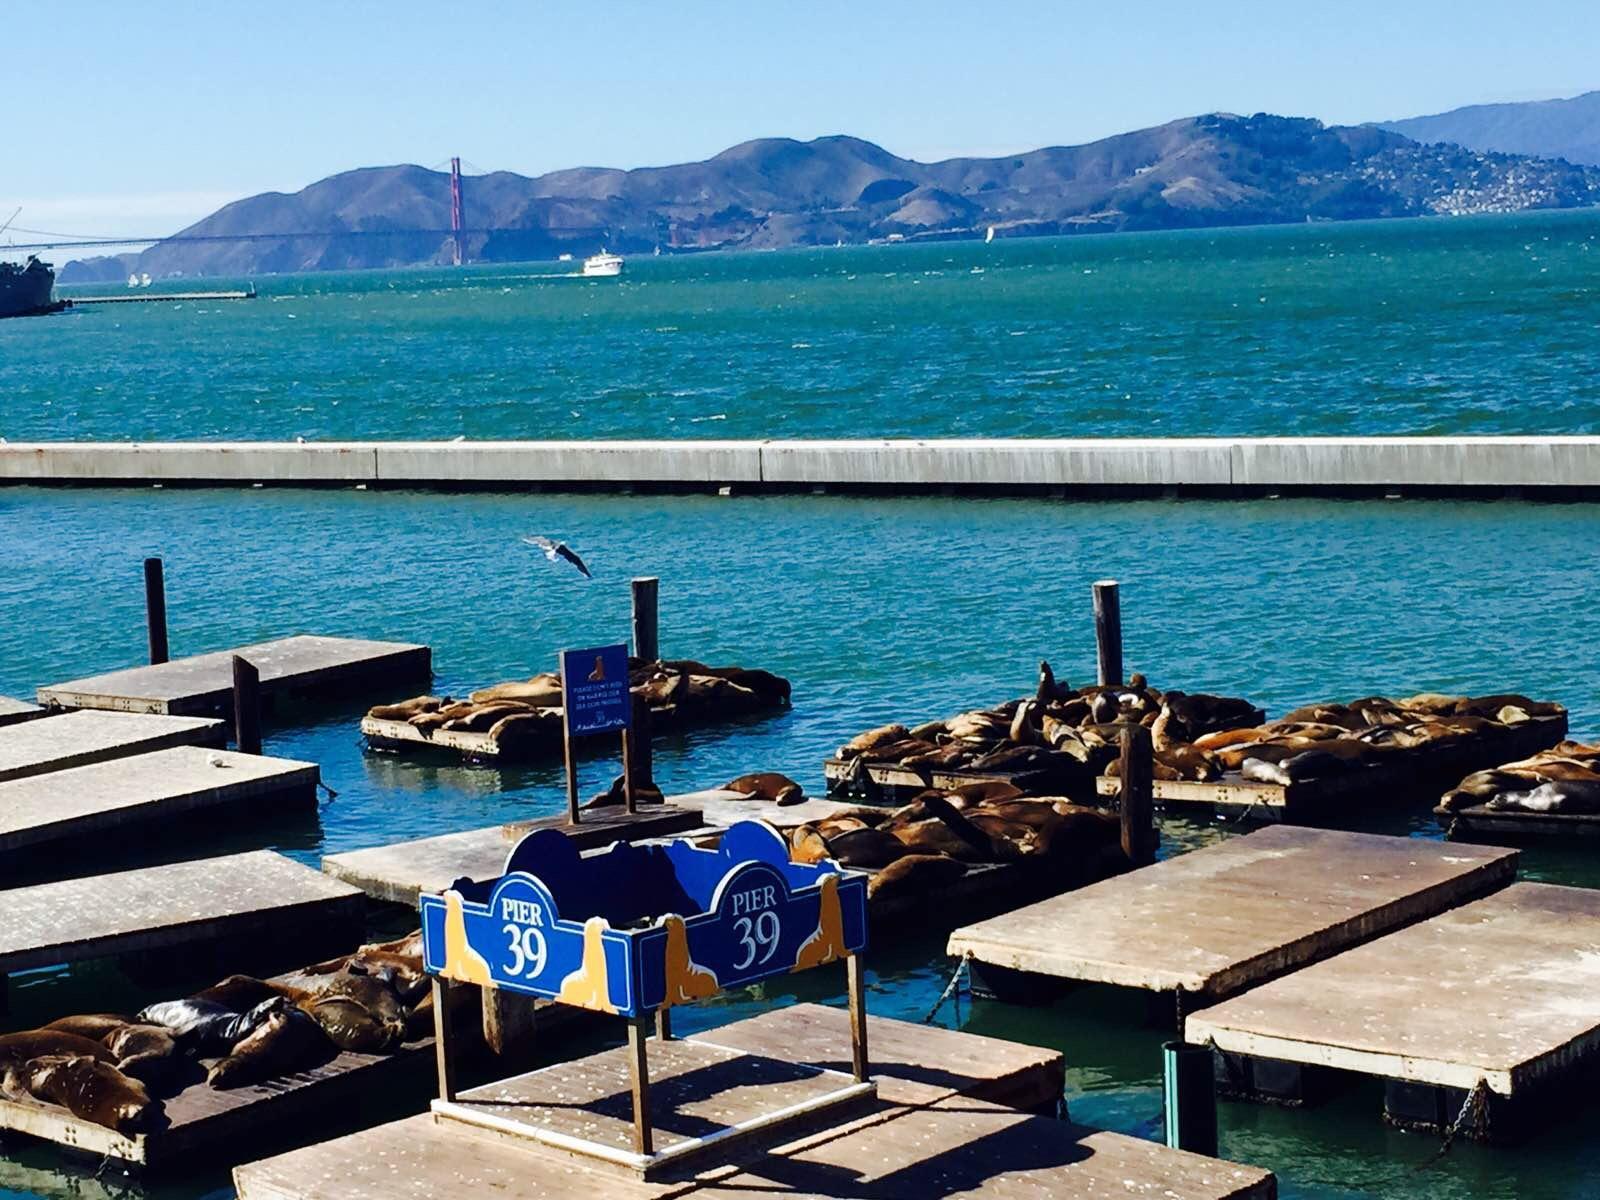 ps:据说蒙特雷渔人码头的海鲜更新鲜,所以我们准备明天过去吃,再加上